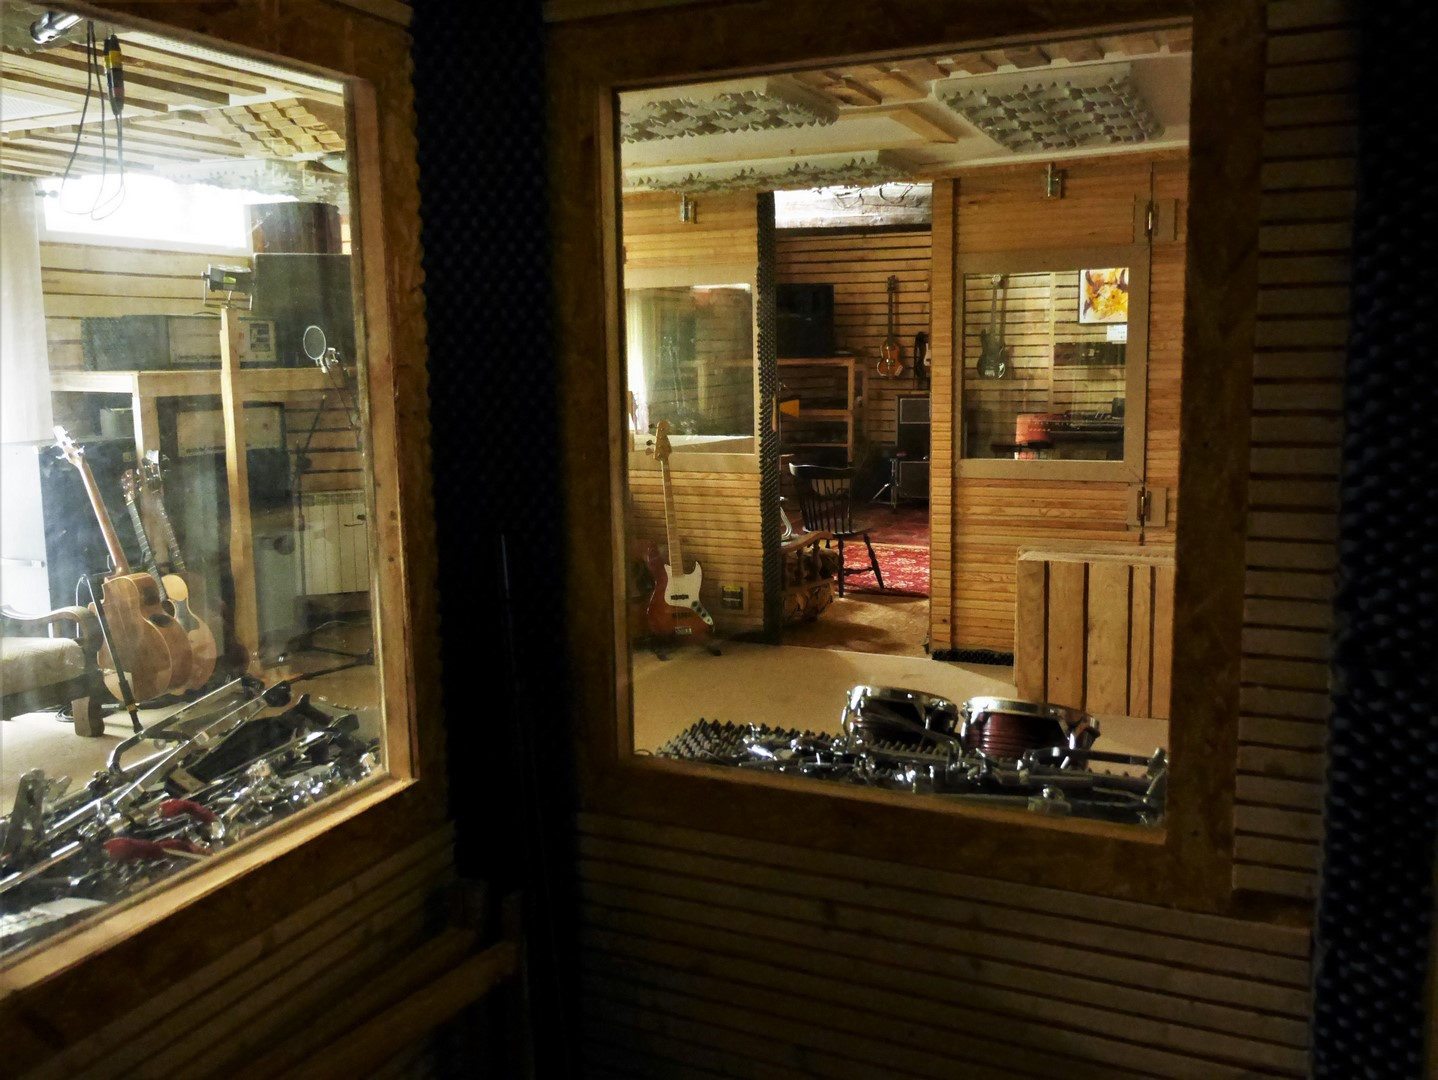 studio-la-boite-a-meuh-oct-2019-petite-cabine